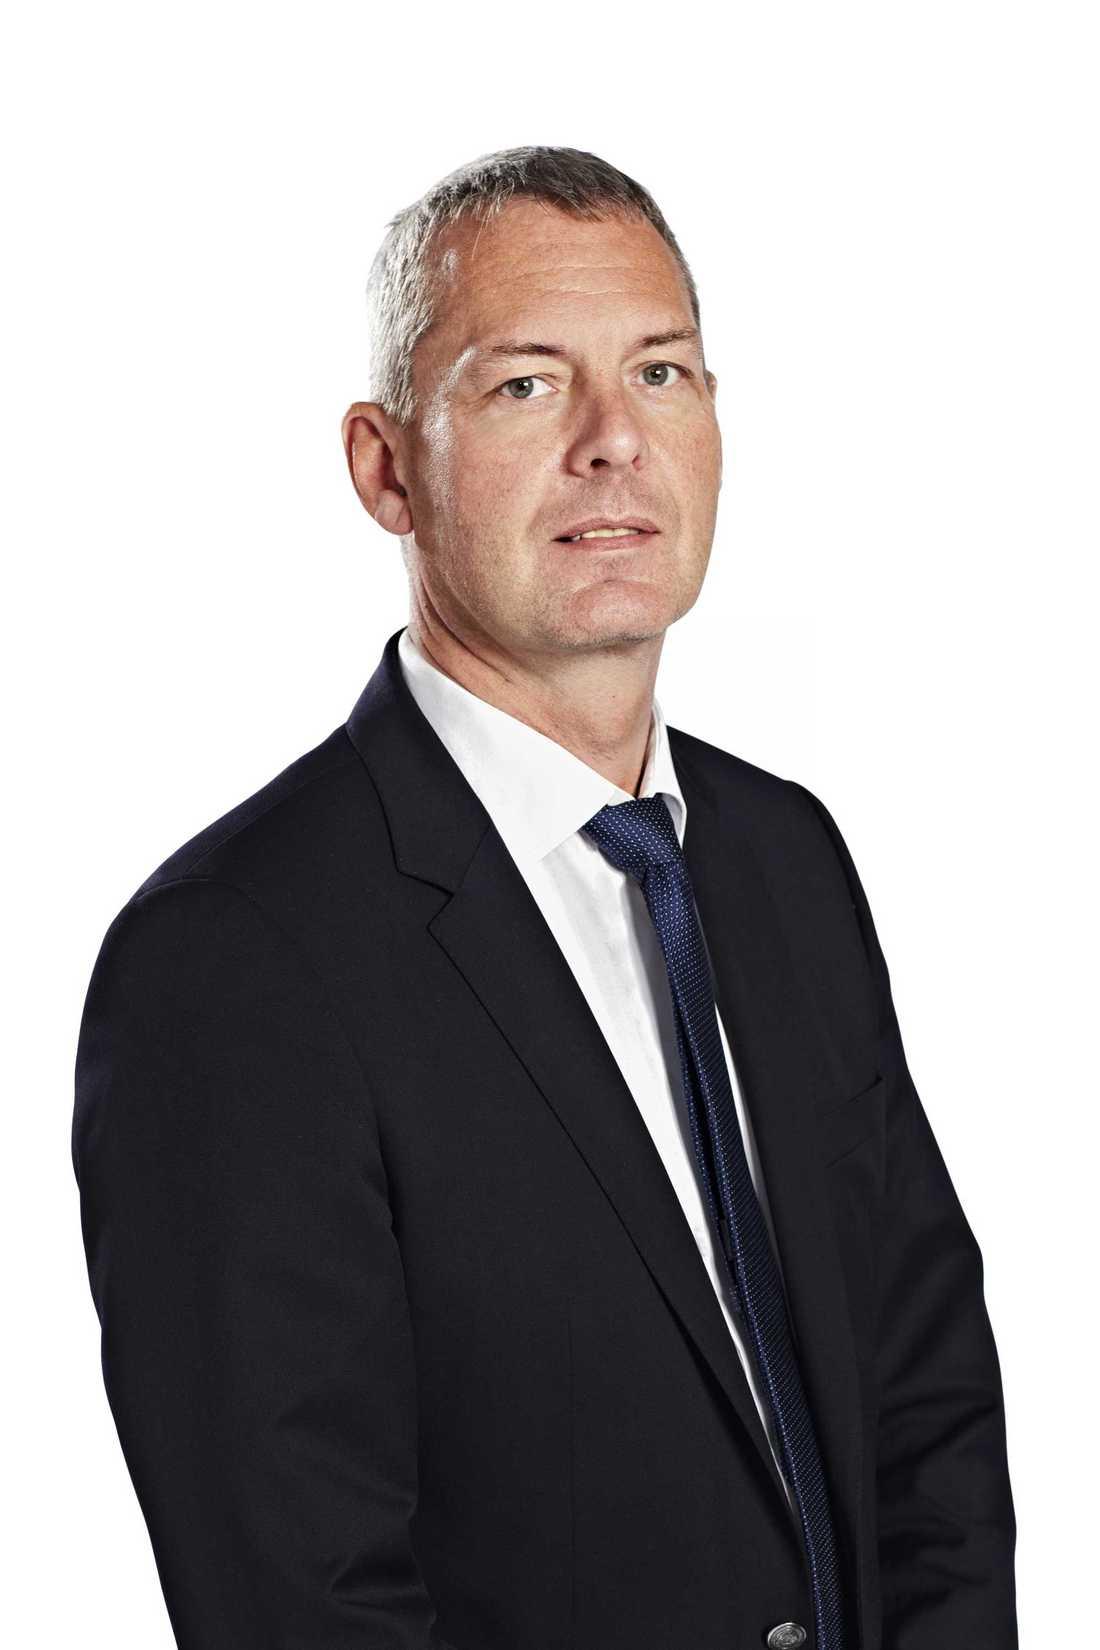 Pehr Oscarson äger tillsammans med sin pappa och bror investmentbolaget Oscarson invest. Det företaget är en av delägarna i bilbesiktaren Clearcar. Samtidigt är han vd för verkstadskedjan Meca Scandinavia.